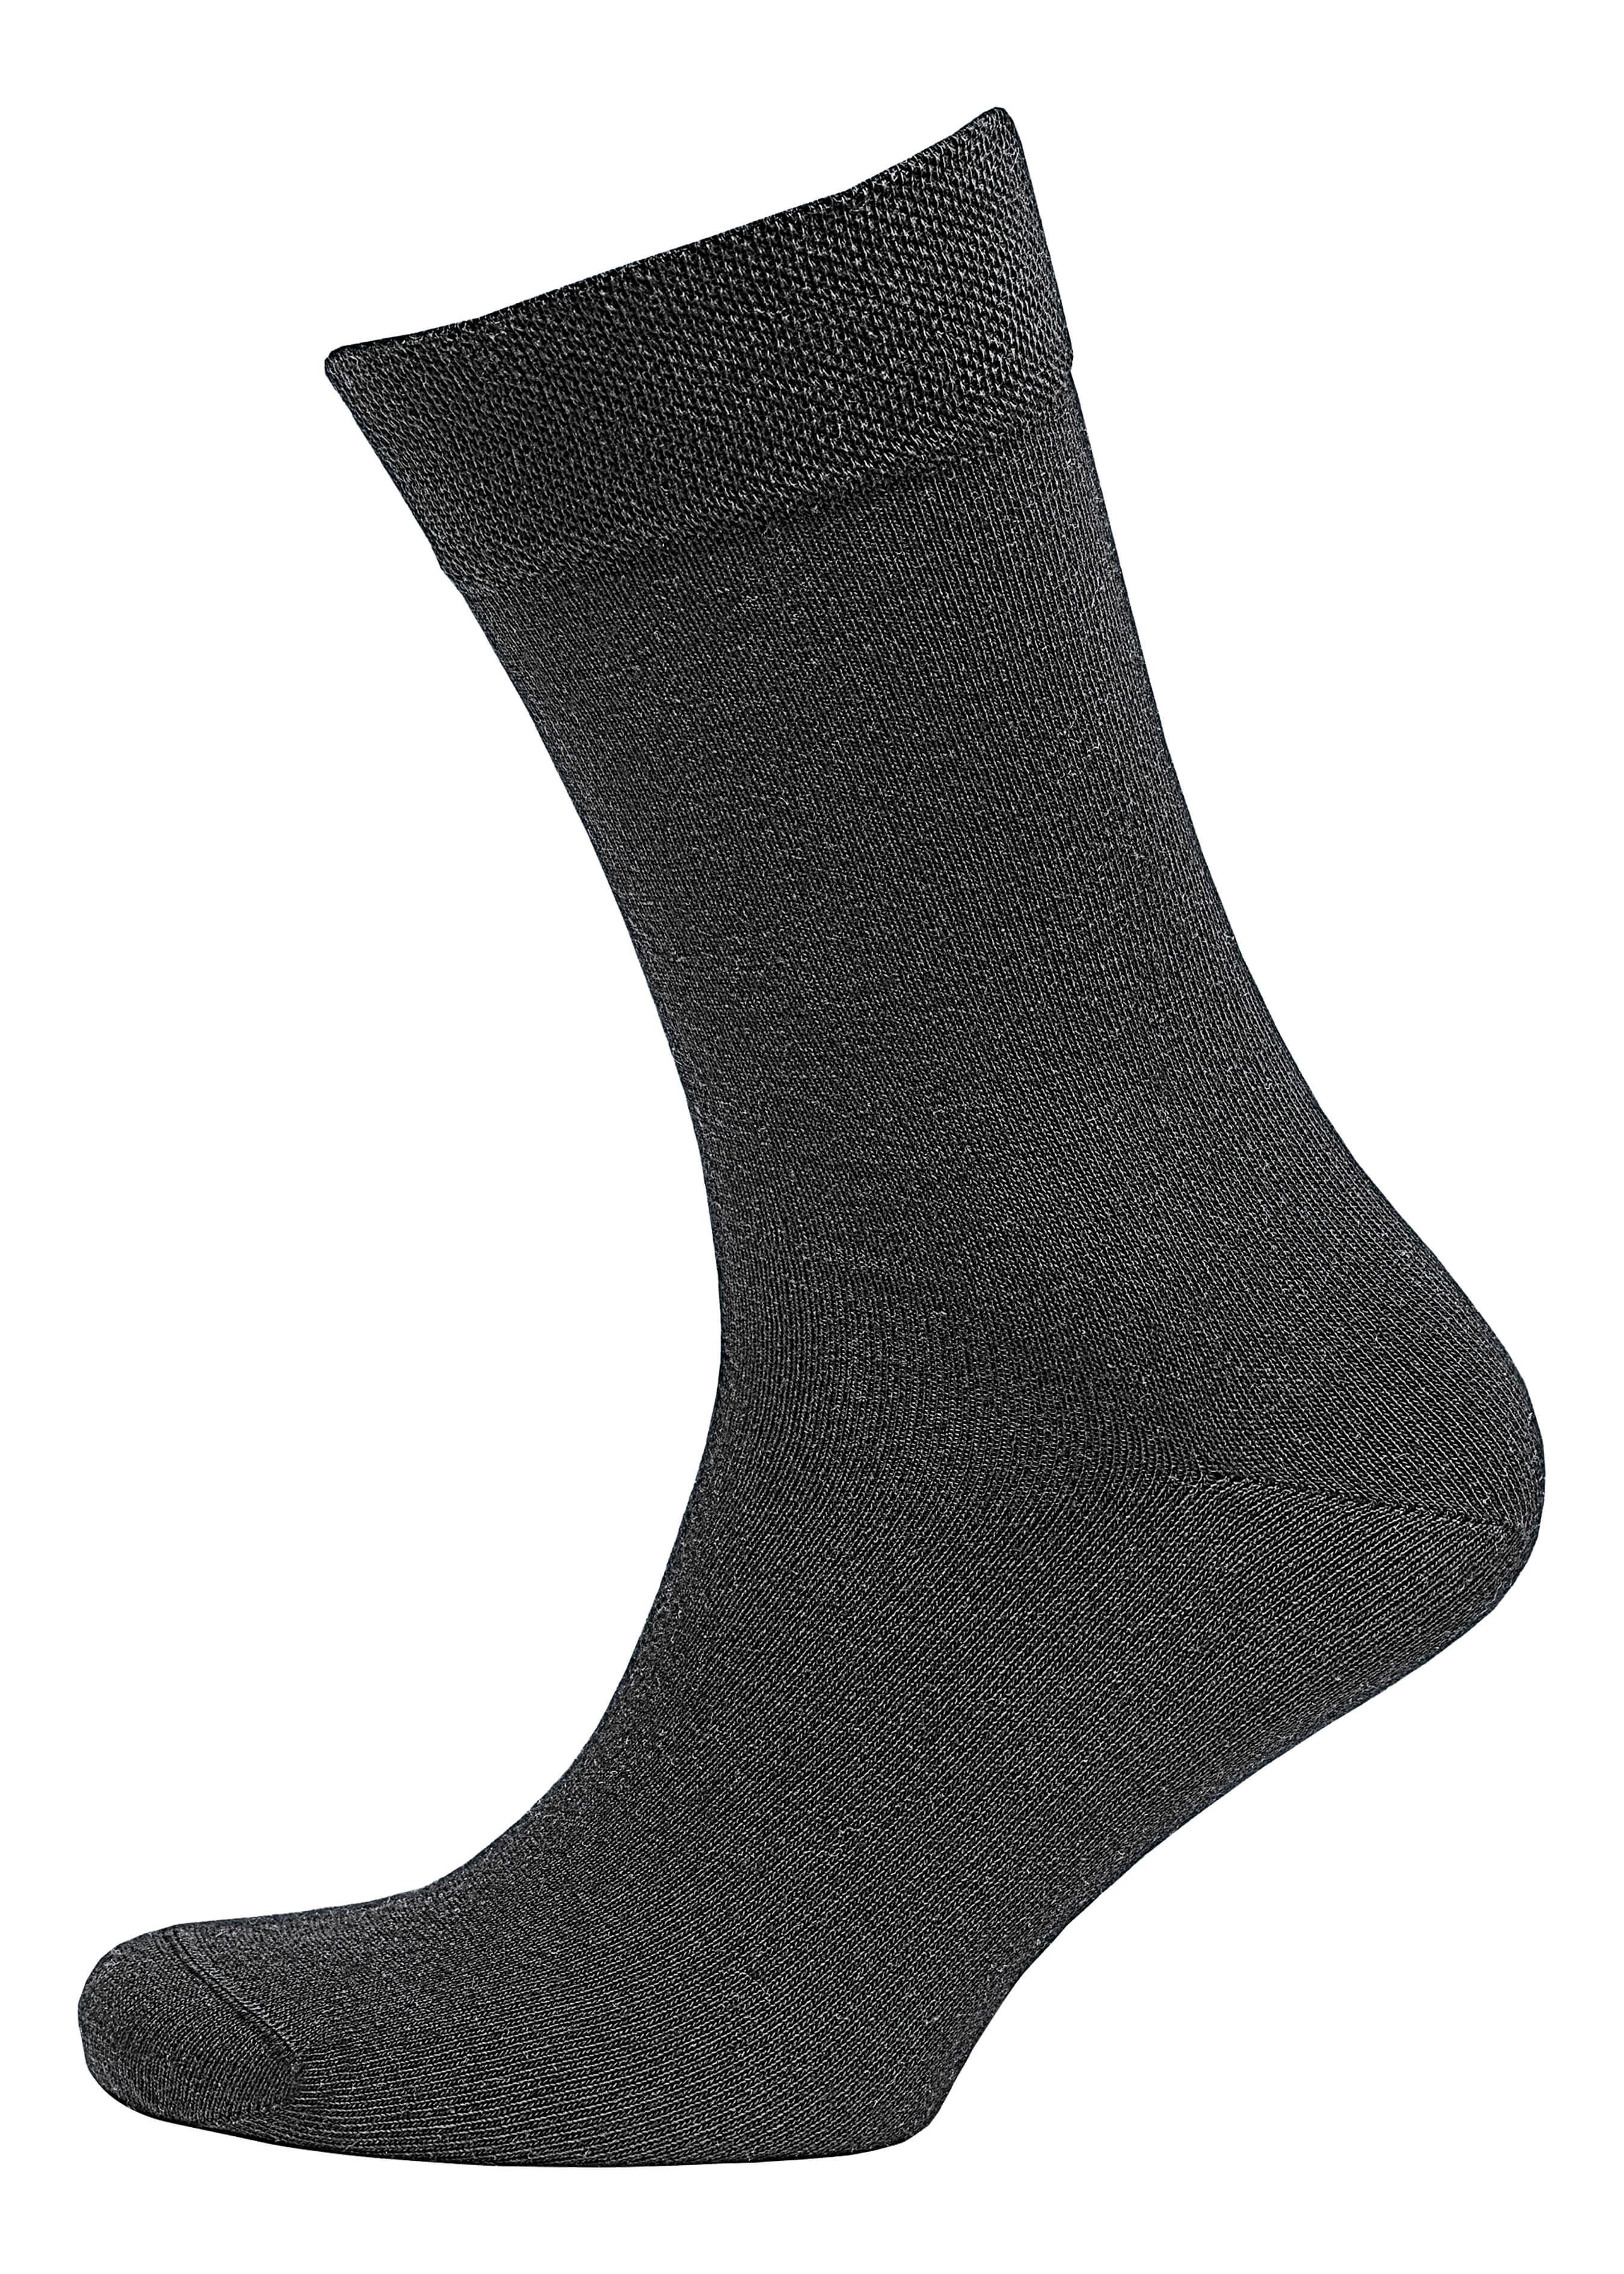 Chaussettes pour dames et messieurs, 10 paires L1913438 1